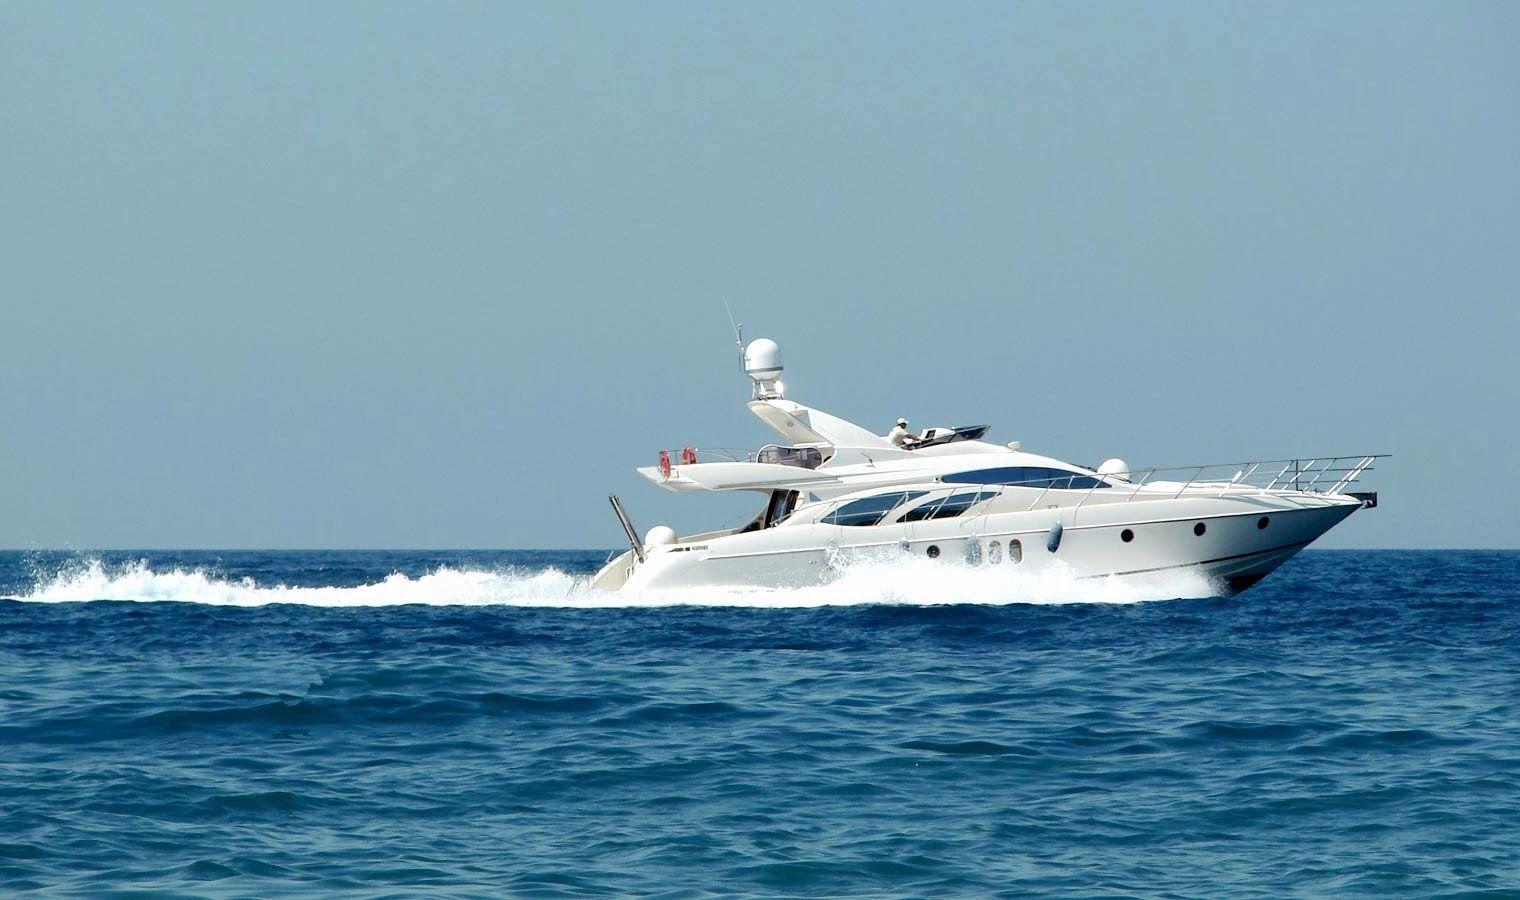 Les différents #Permis conduire #bateau sur http://permisconduirebateau.blogspot.fr/